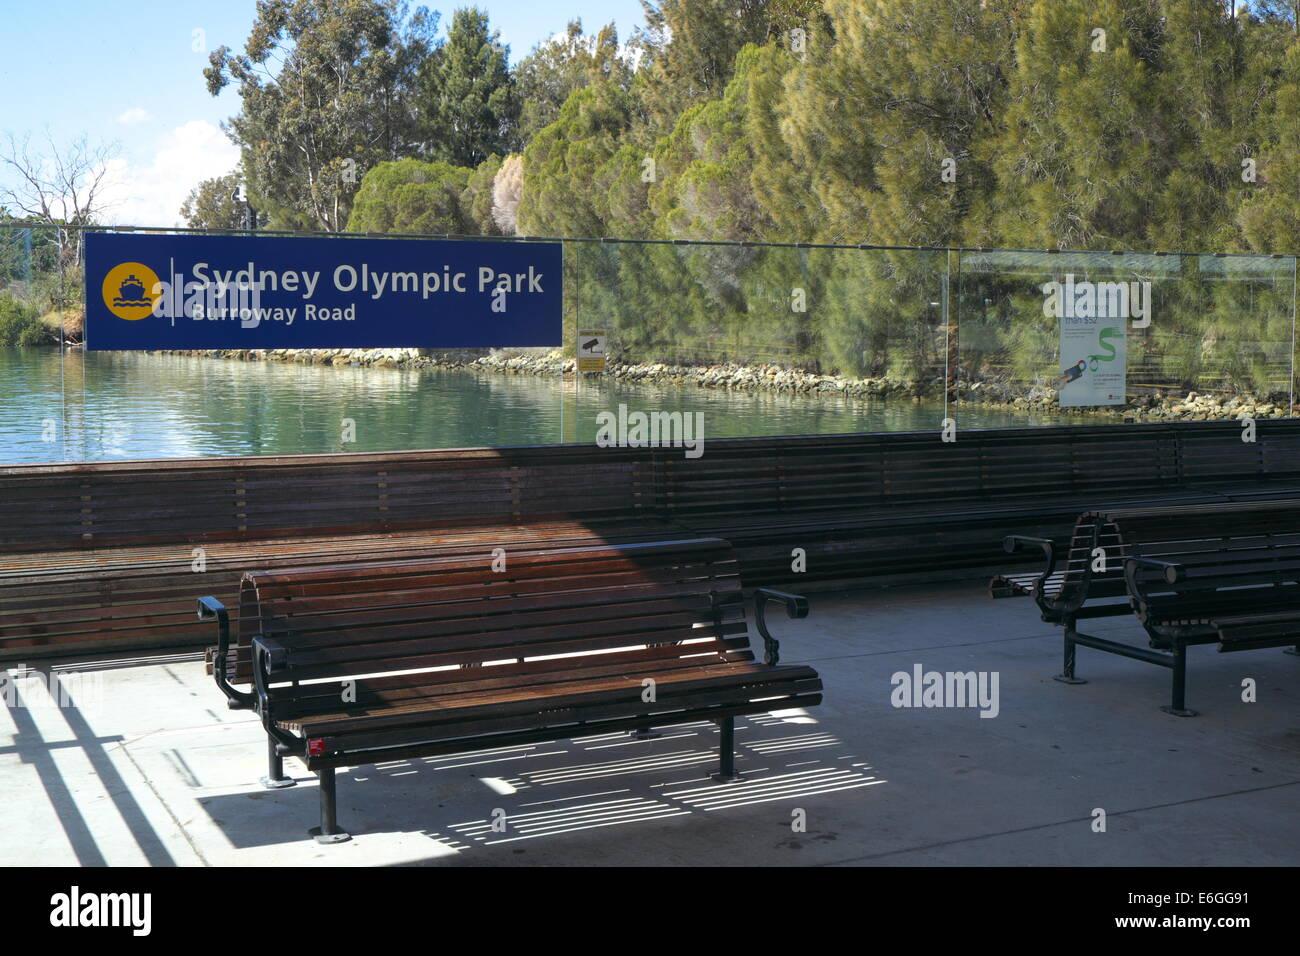 Sydney Olympic Park Ferry Wharf In Western Sydneynew South Walesaustralia